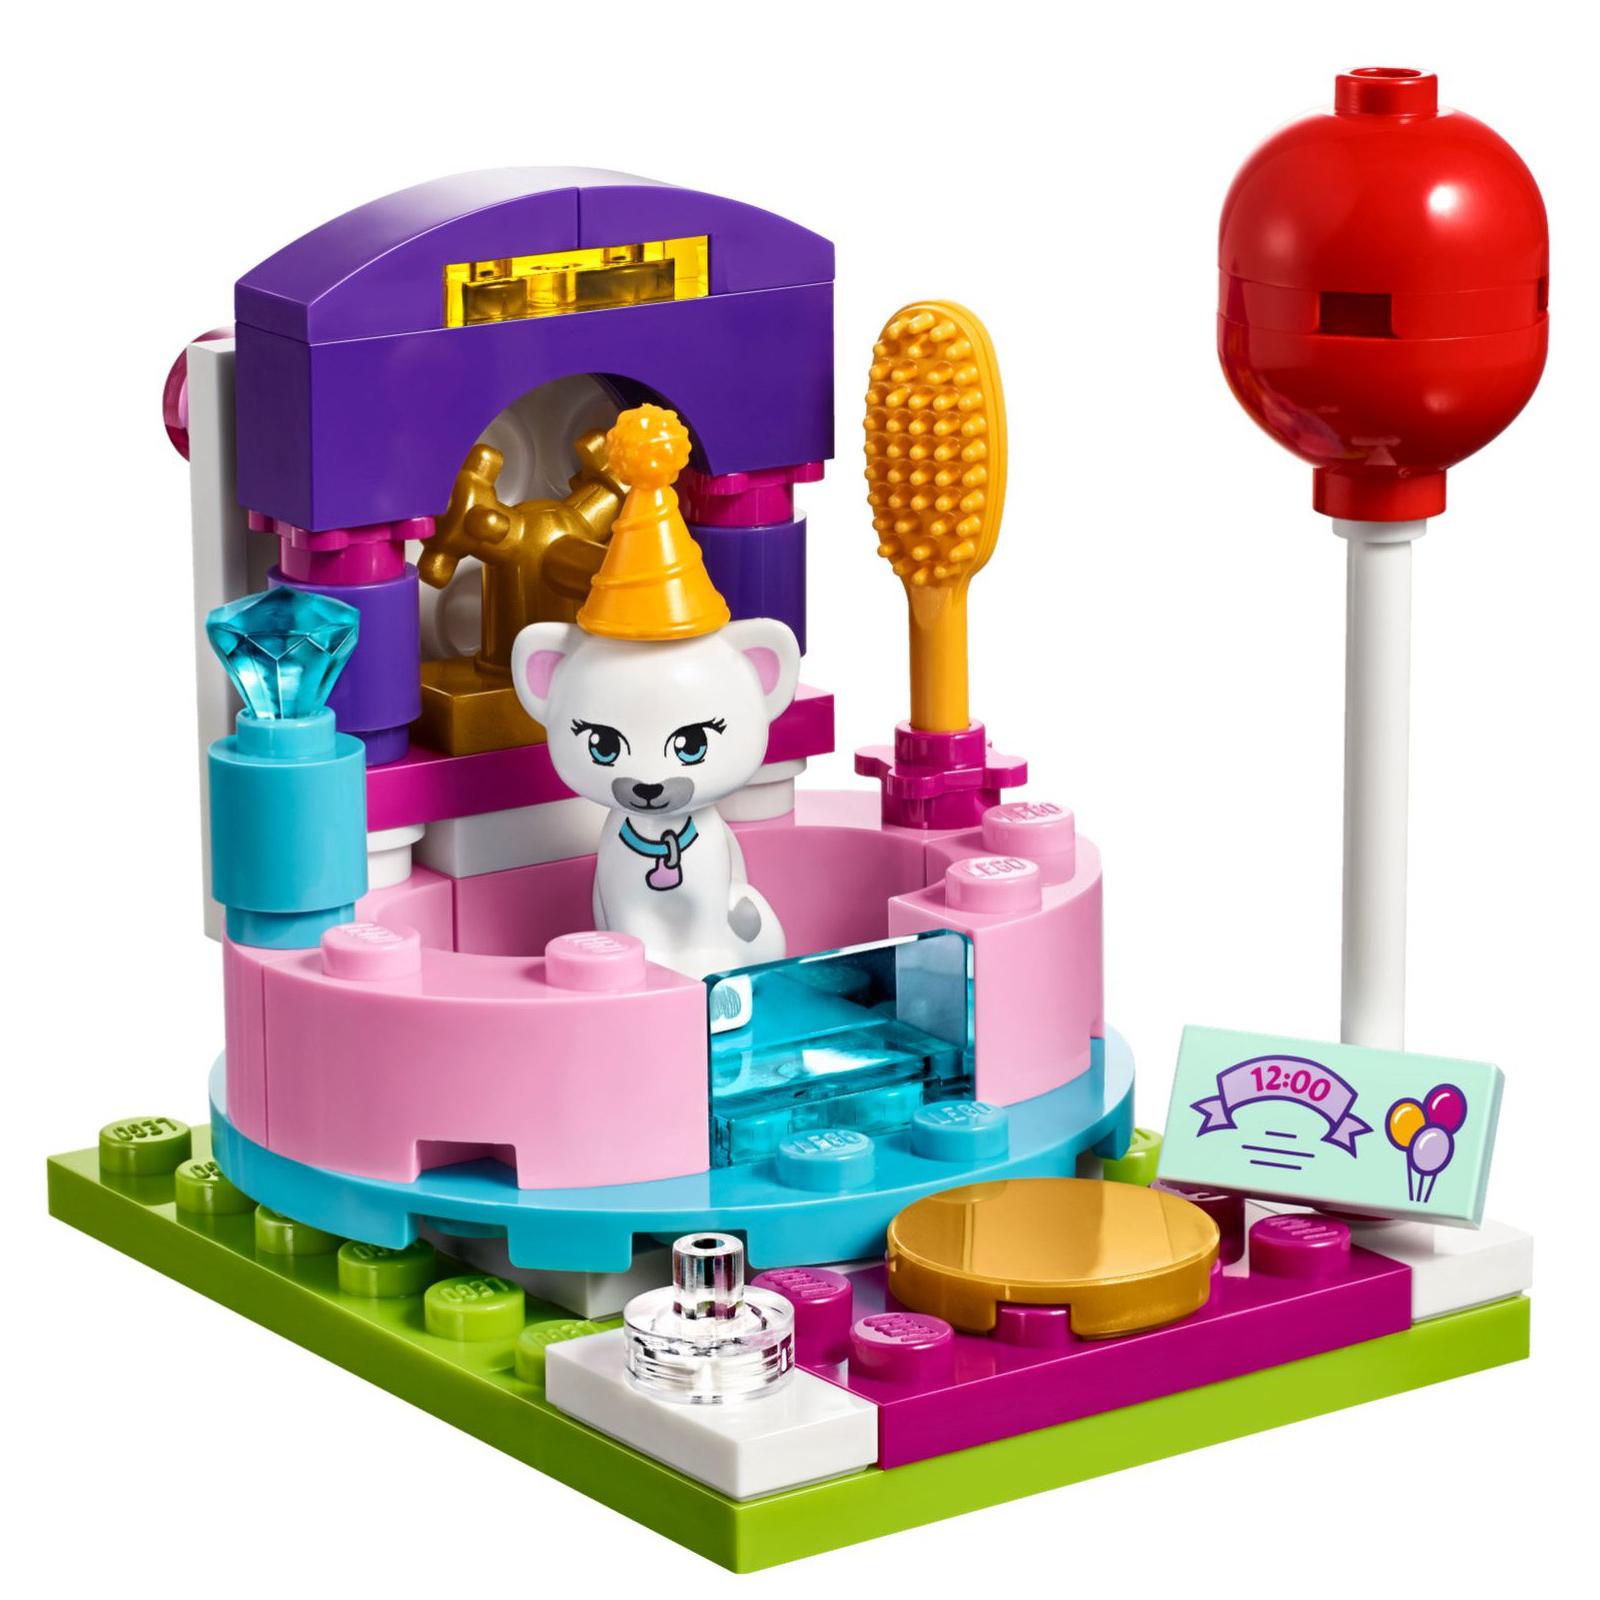 Конструктор LEGO Friends День рождения: салон красоты (41114) изображение 3